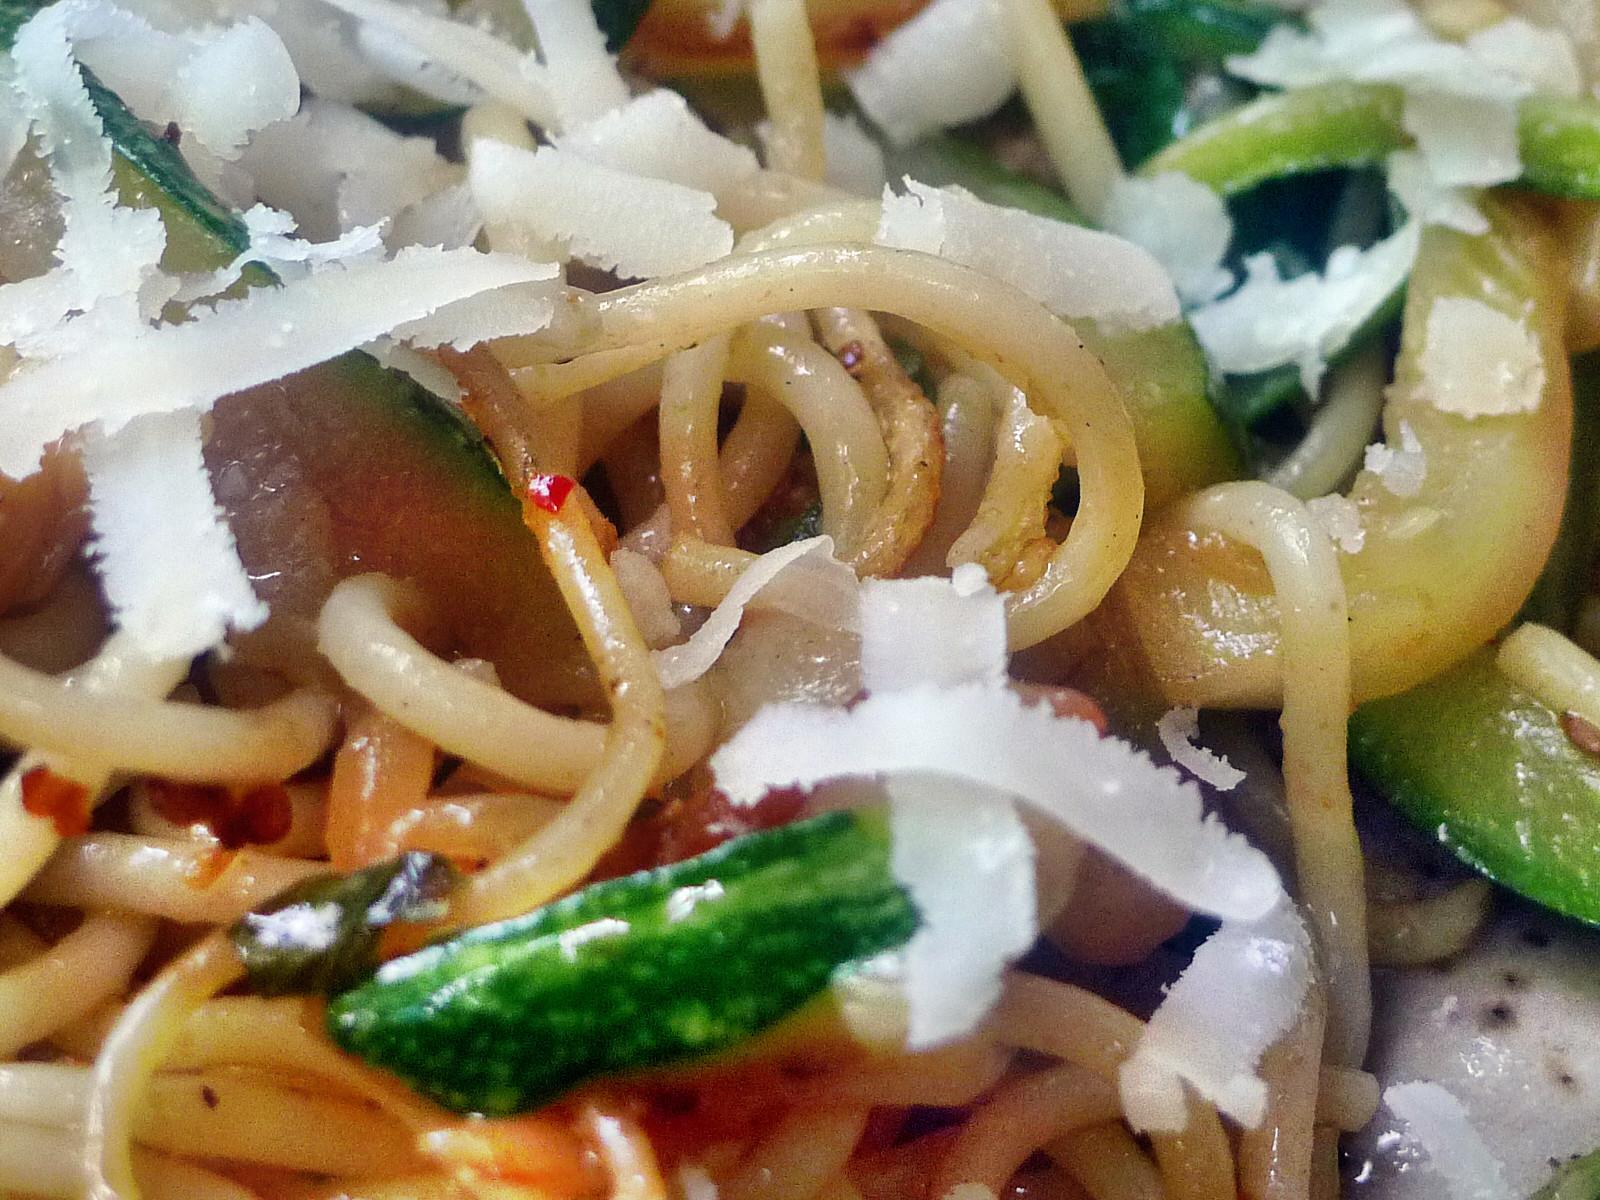 Spaghetti-Zucchinipfanne-27.8.14   (13)